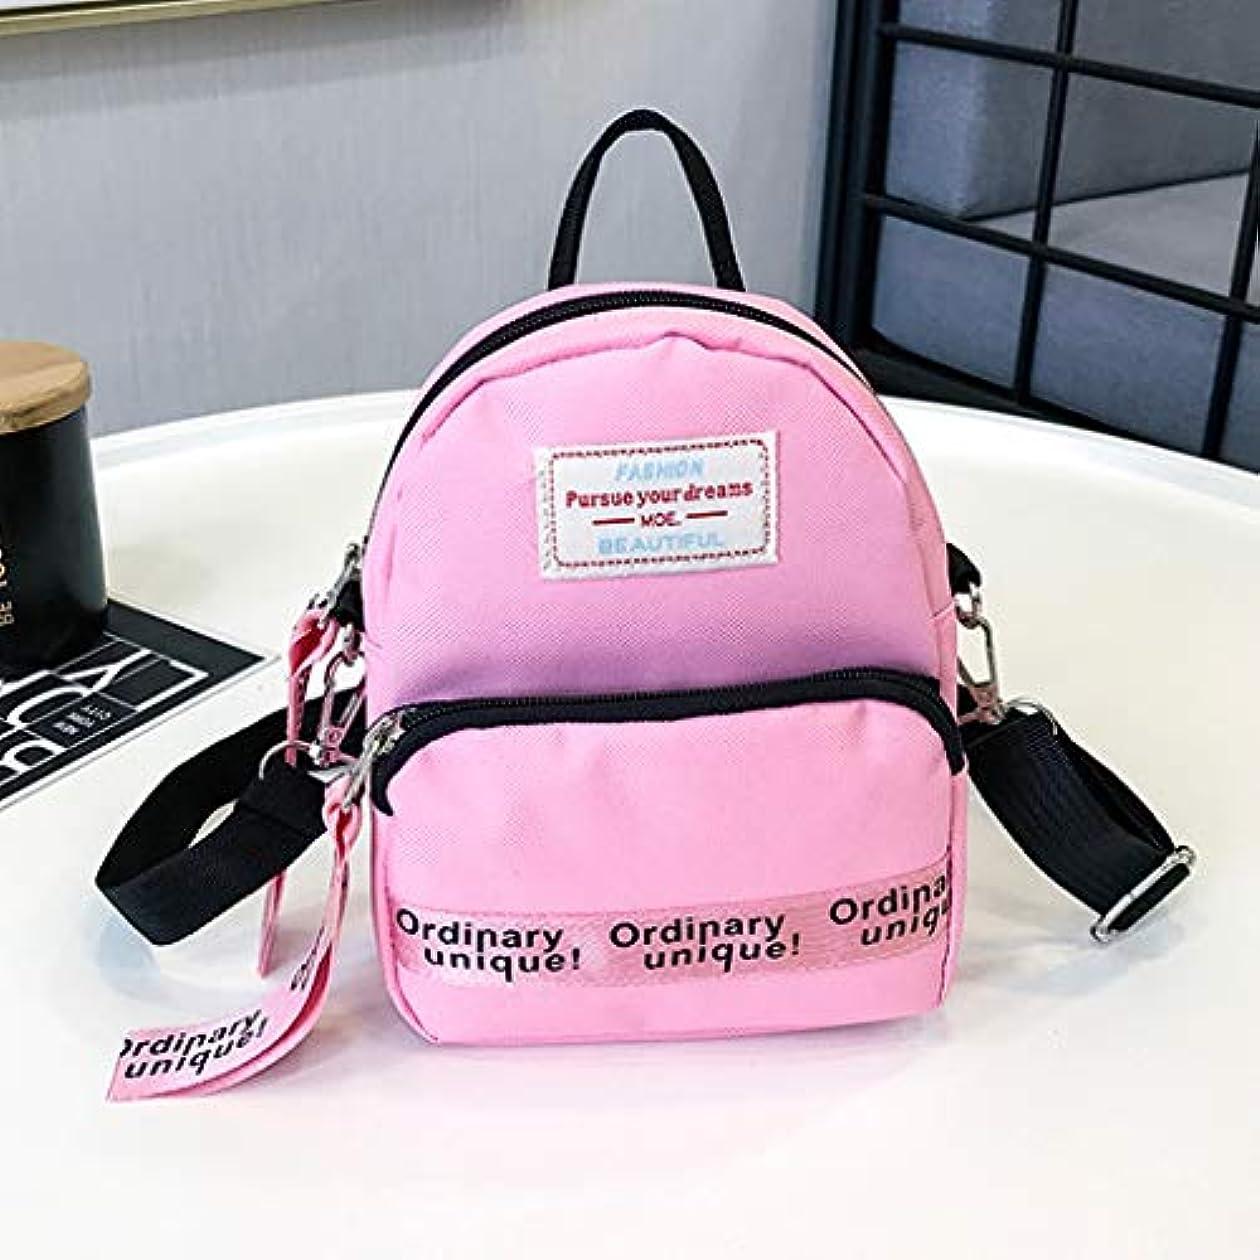 女性のシンプルなリボンミニキャンバスクロスボディバッグ、女性のトレンディなシンプルなキャンバスショルダーバッグレディースミニレジャークロスボディバッグ、ストリートスタイルの文字刺繍キャンバスメッセンジャーバッグ (ピンク)